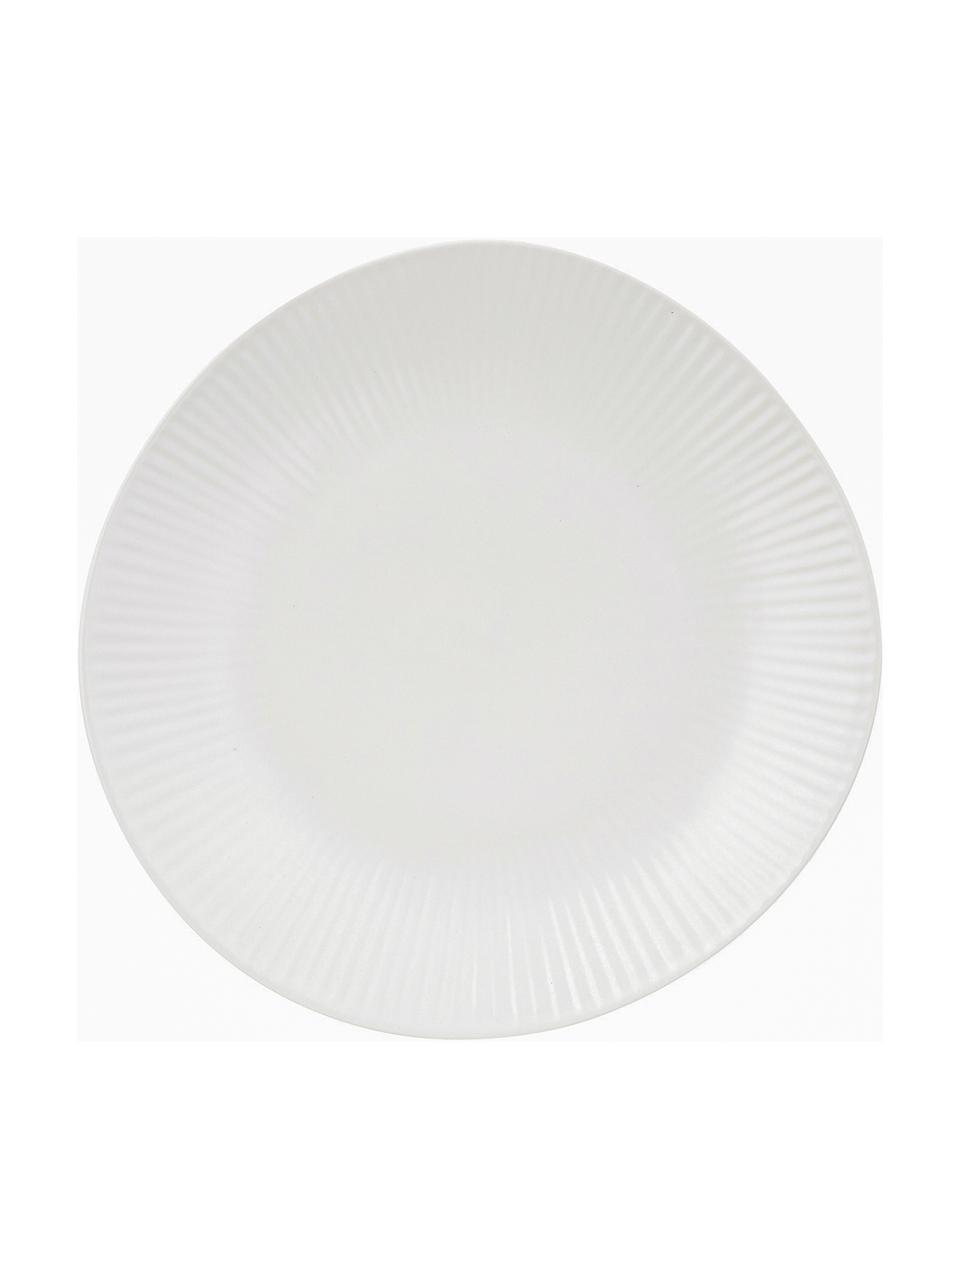 Ręcznie wykonany talerz deserowy Sandvig, 4 szt., Porcelana farbowana, Złamana biel, Ø 22 cm